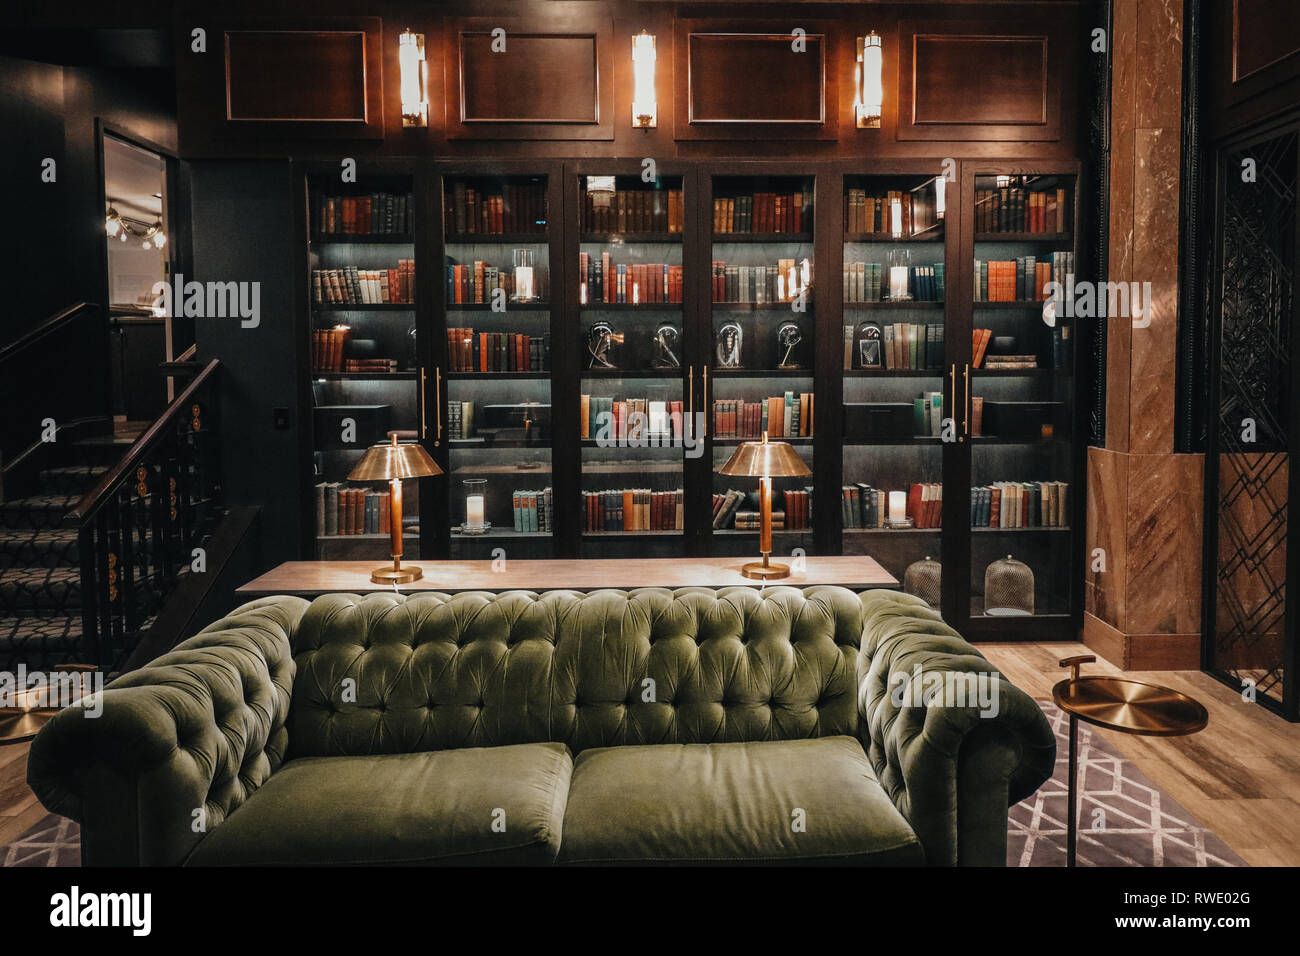 Klassische Innenarchitektur Stockfotos und  bilder Kaufen   Alamy